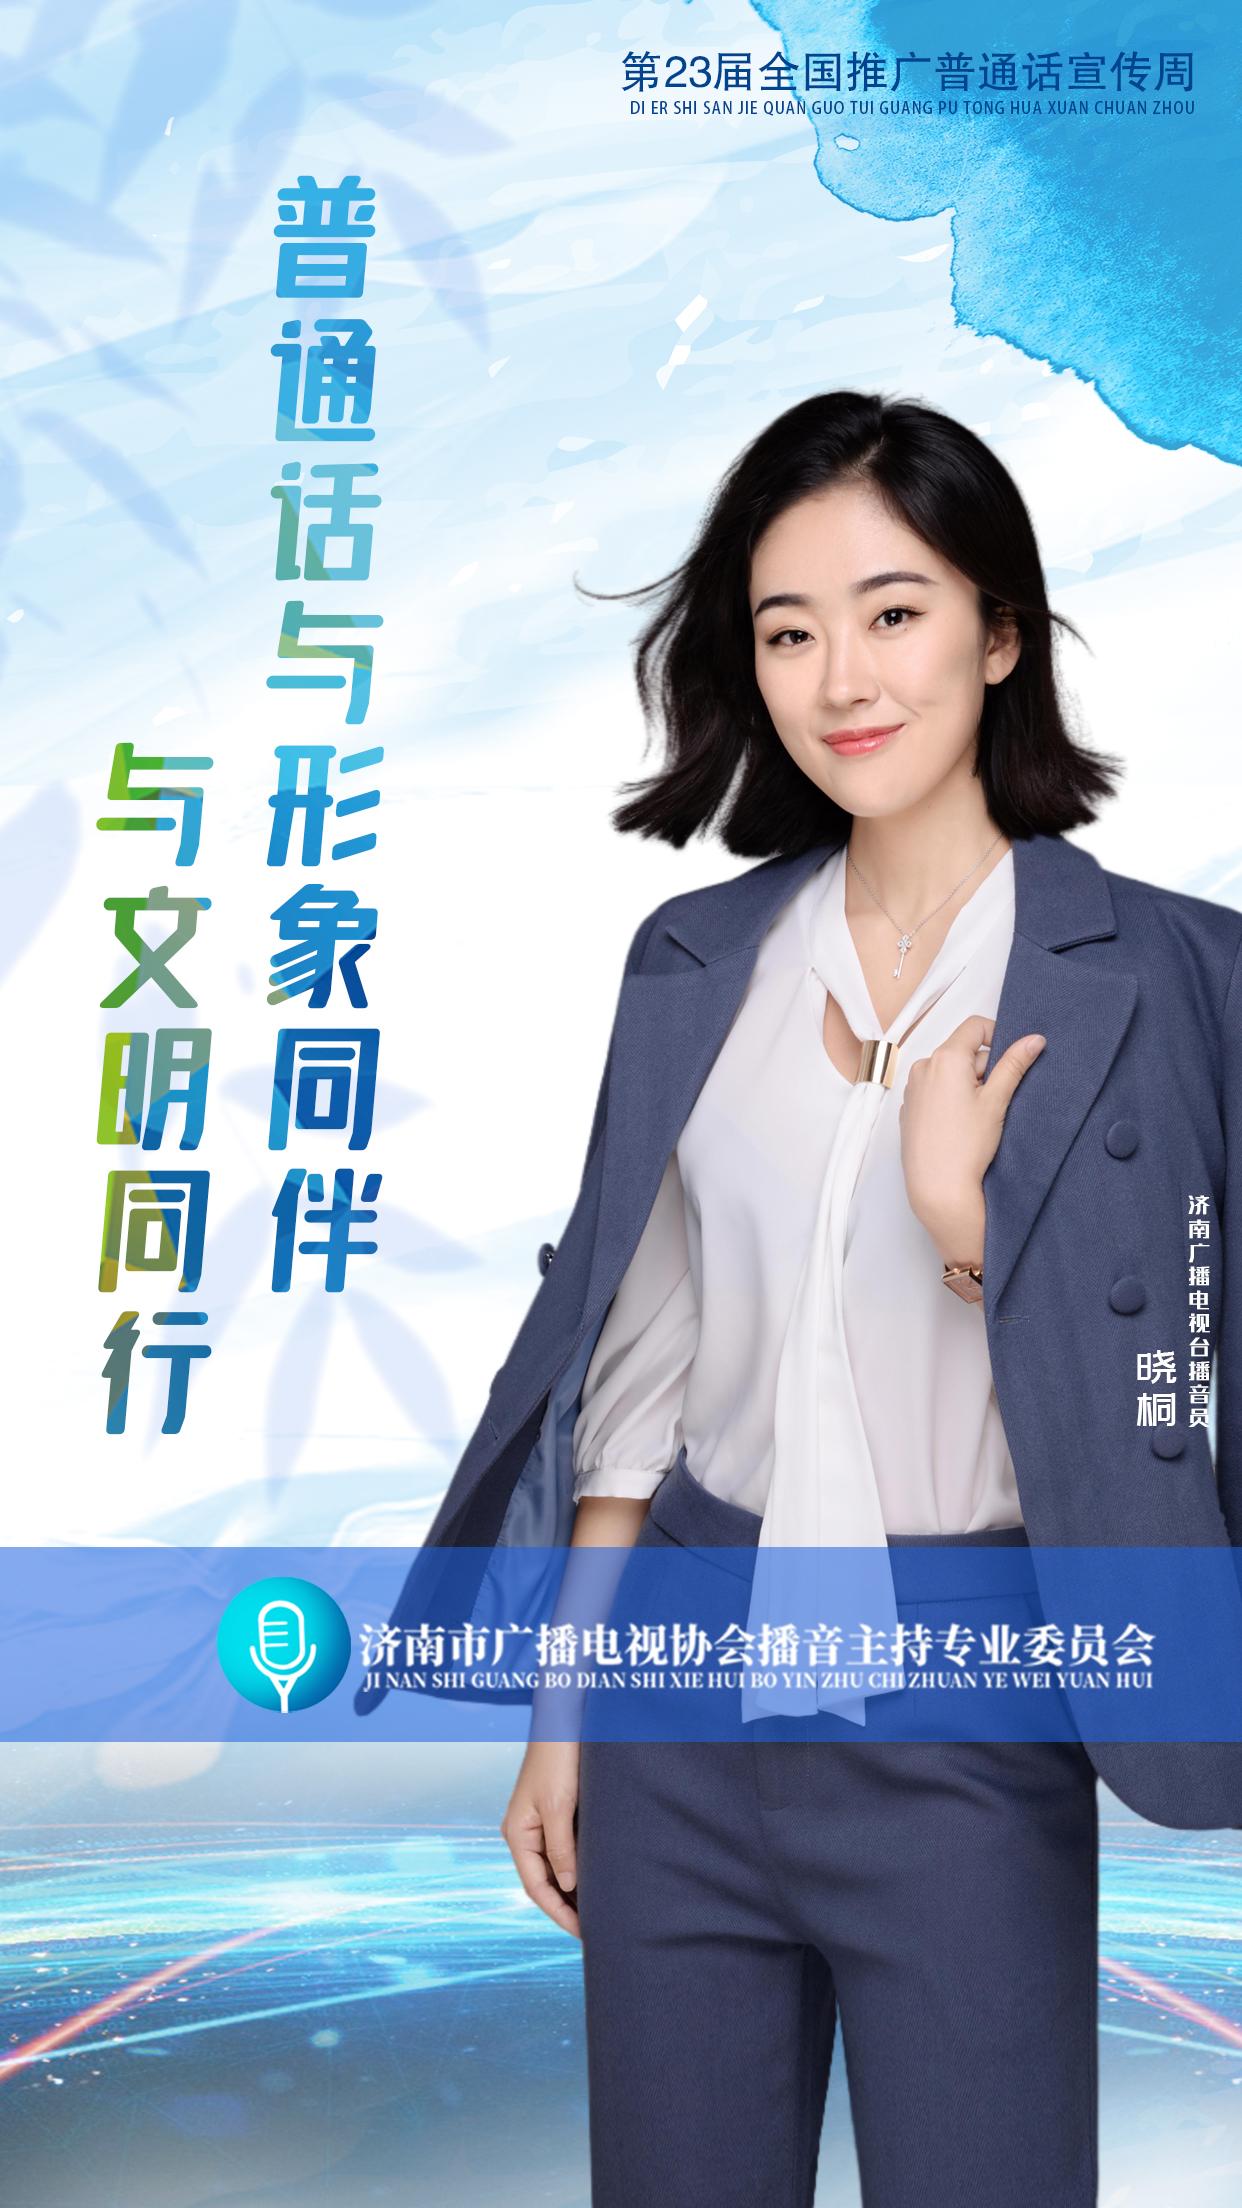 推广普通话 (2)